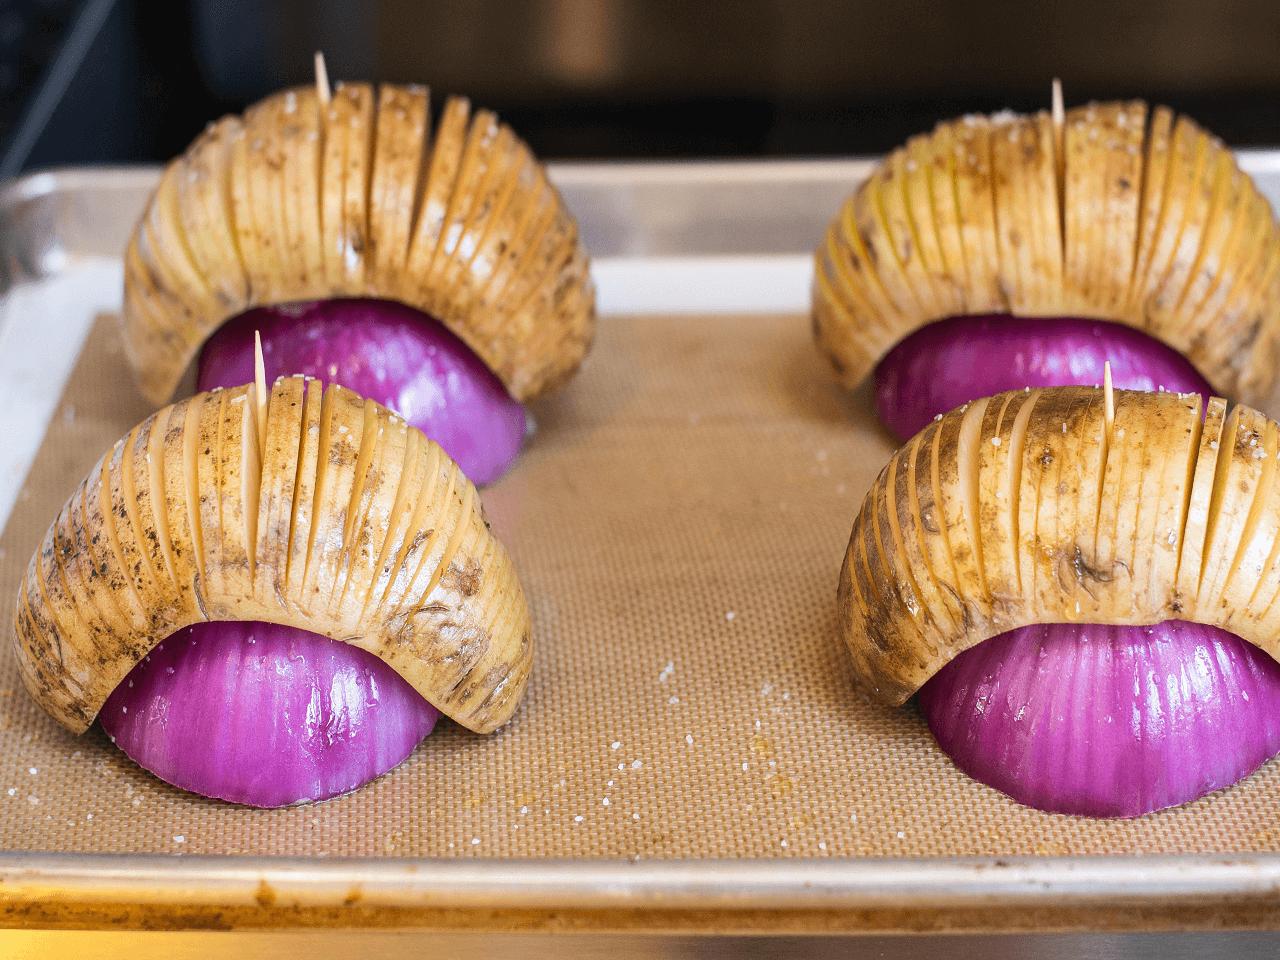 Kuru Soğan ve Patates İhracatına Ön İzin Şartı Getirildi